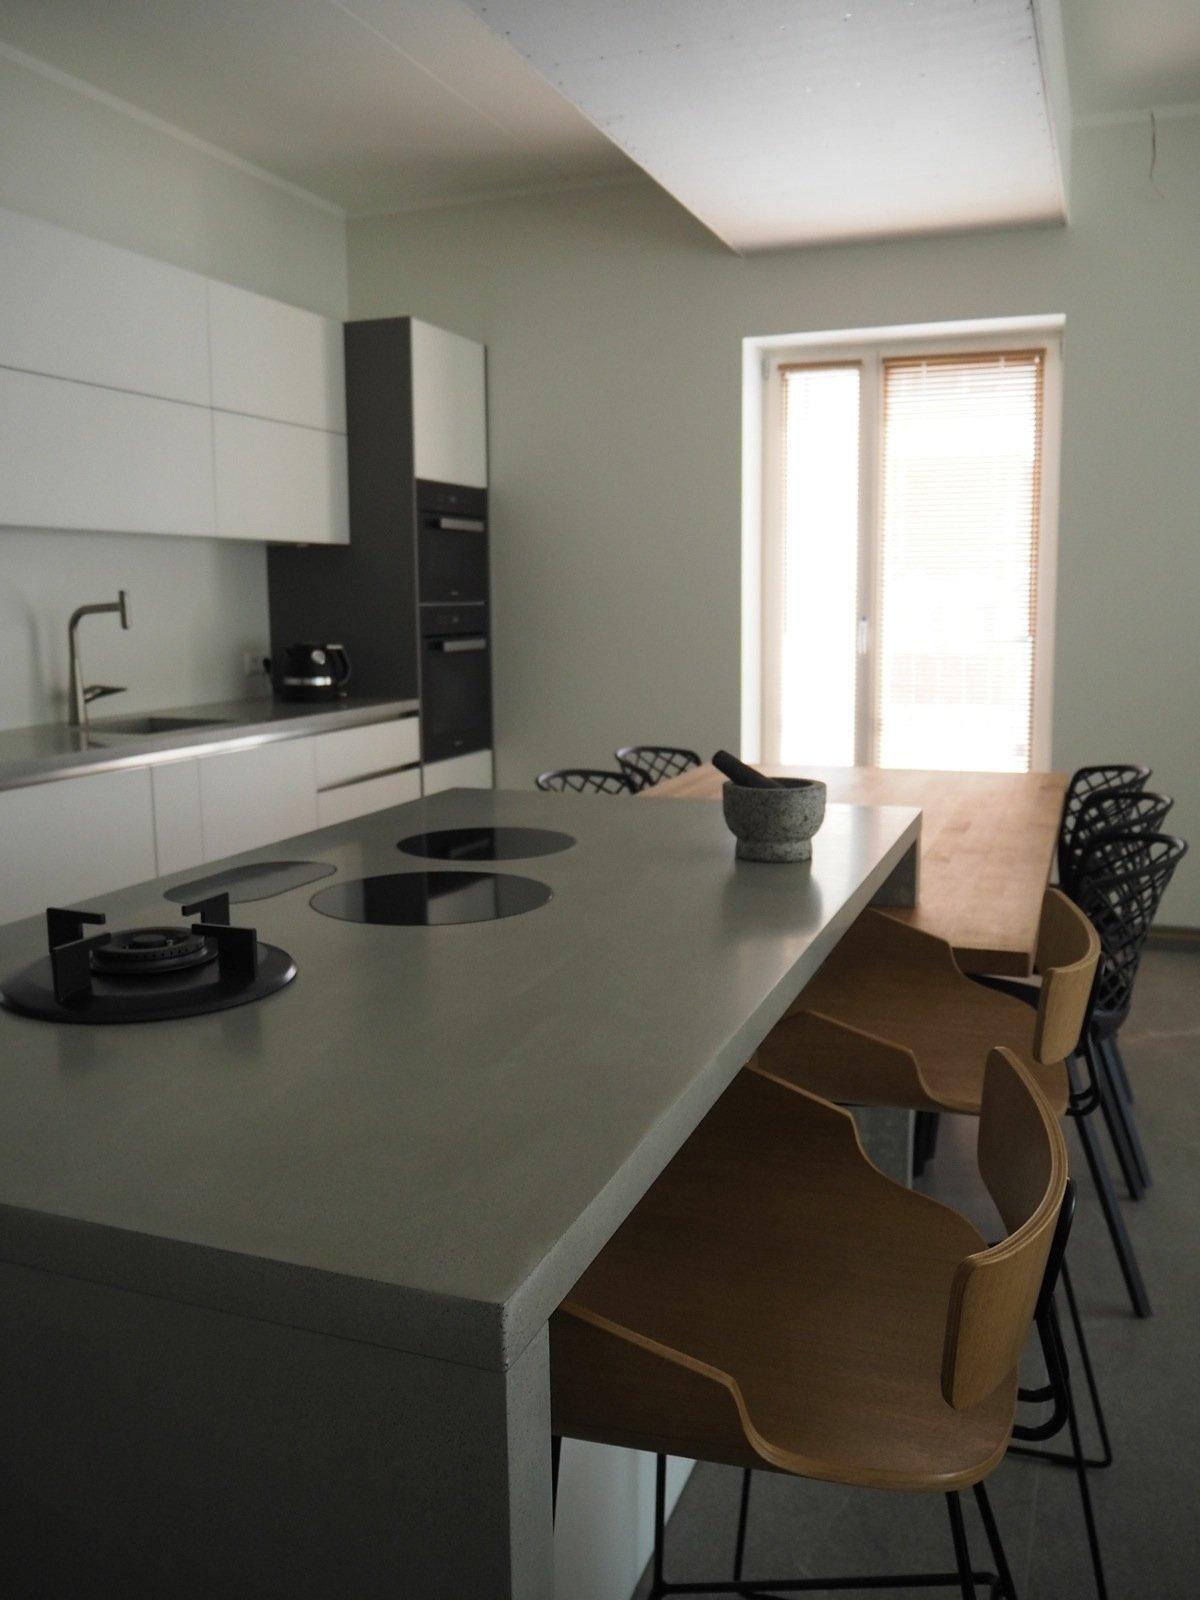 Sisekujundaja Ulvi Lõhmuse loodud köögi tööpind ja laud, teostus Made in Hyperborea.